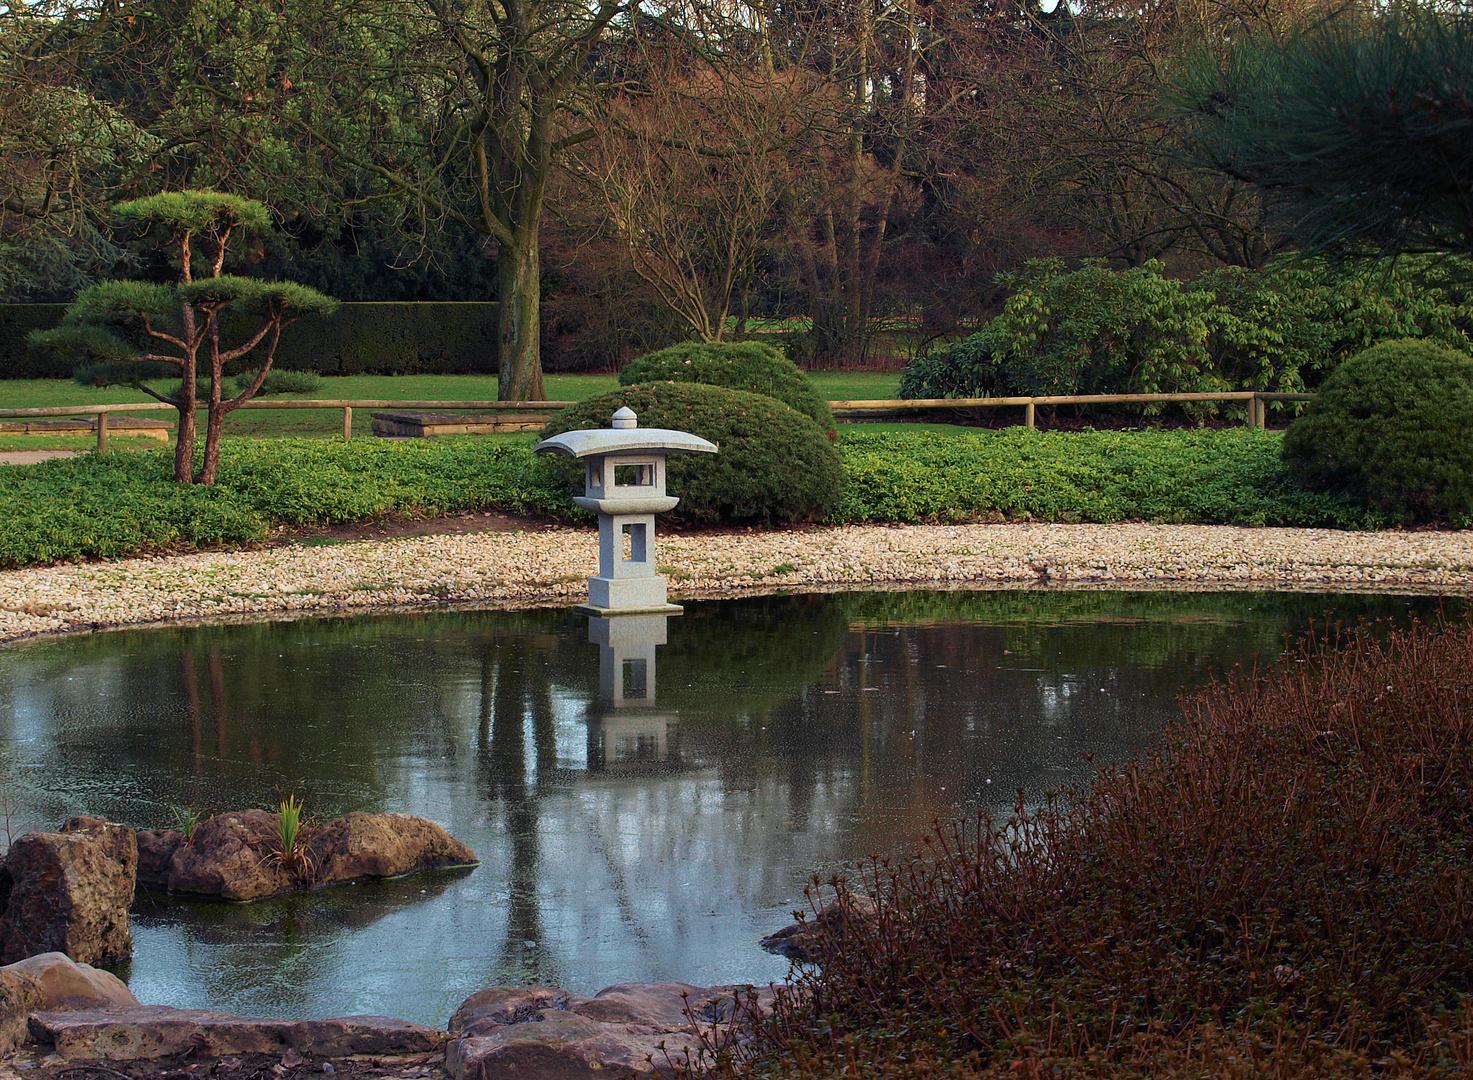 Japanischer Garten.....